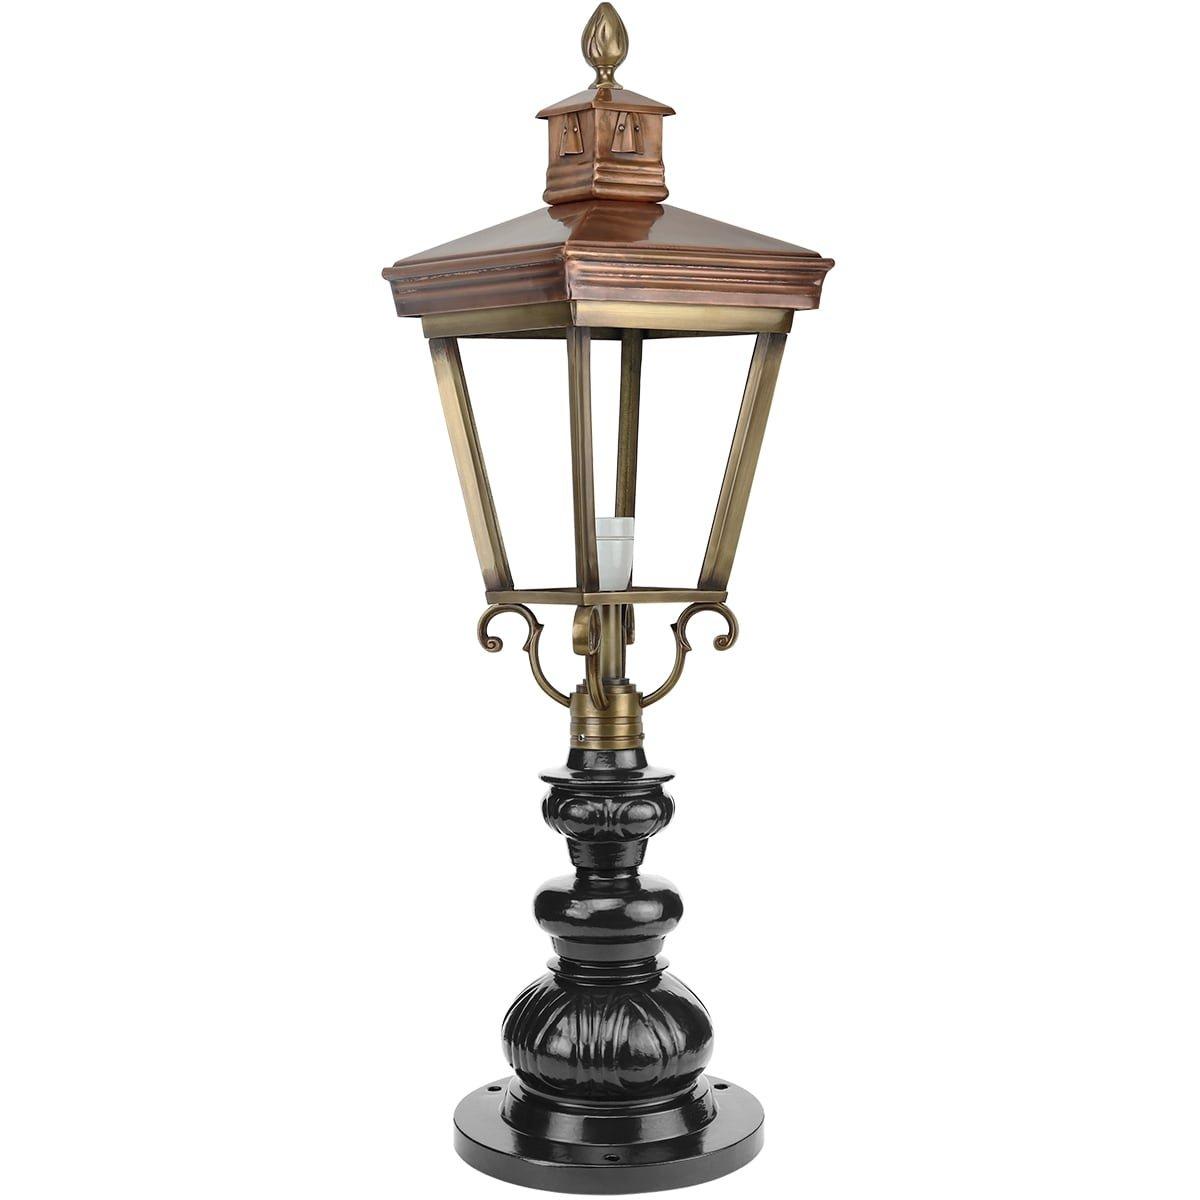 Outdoor Lighting Classic Rural Driveway lamp hellevoetsluis bronze - 91 cm